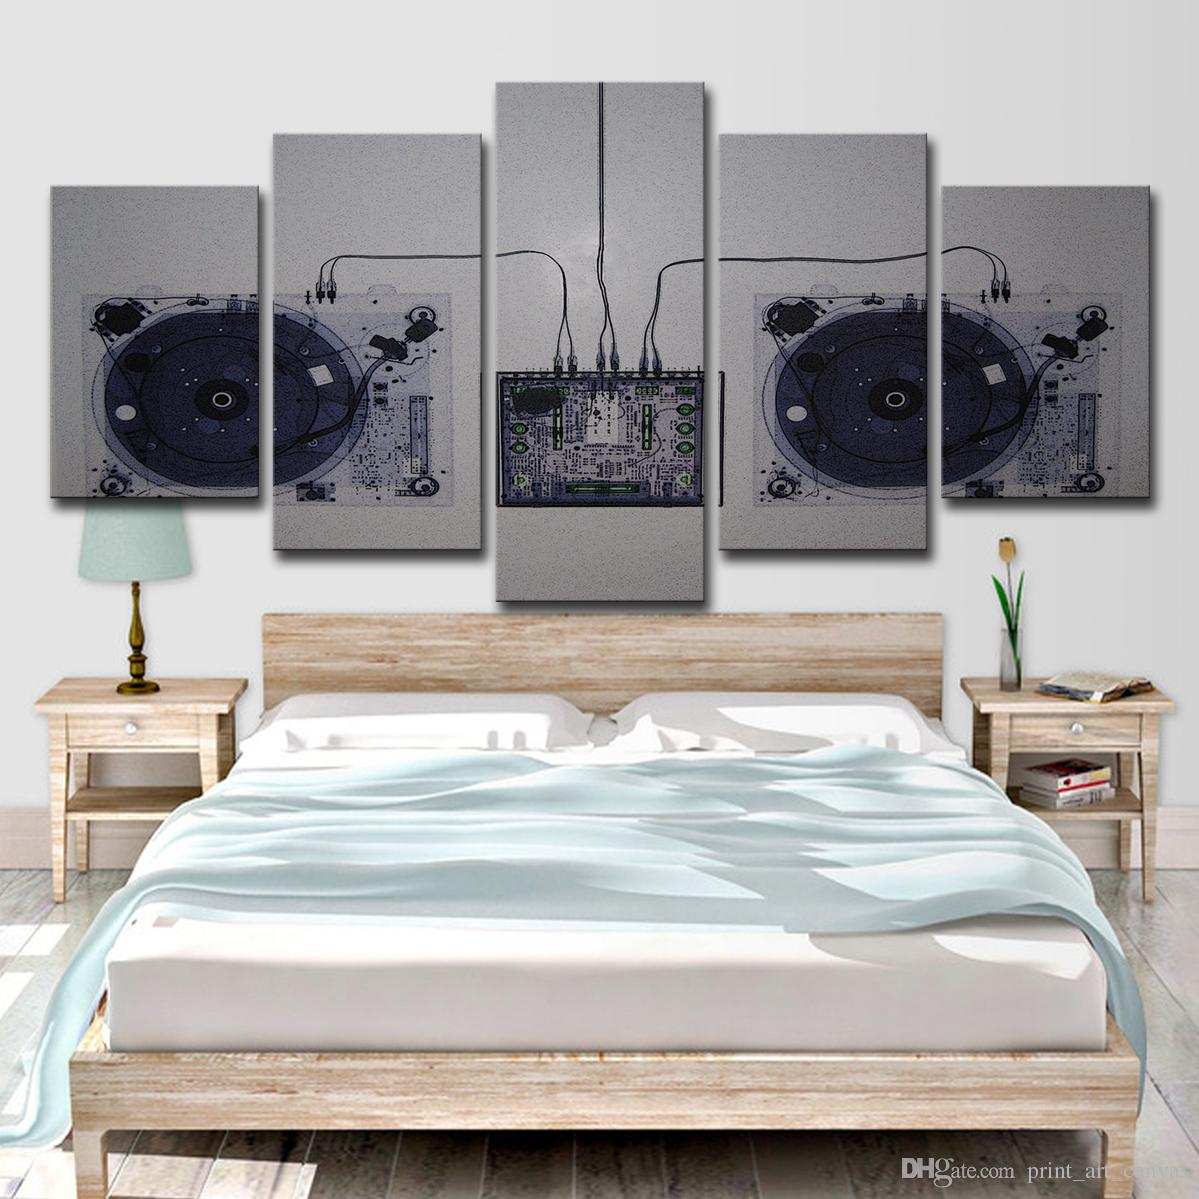 Canvas HD Prints Pittura per soggiorno Home Decor 5 pezzi Musica Dj Console  Mixer Immagini Abstract Poster Wall Art